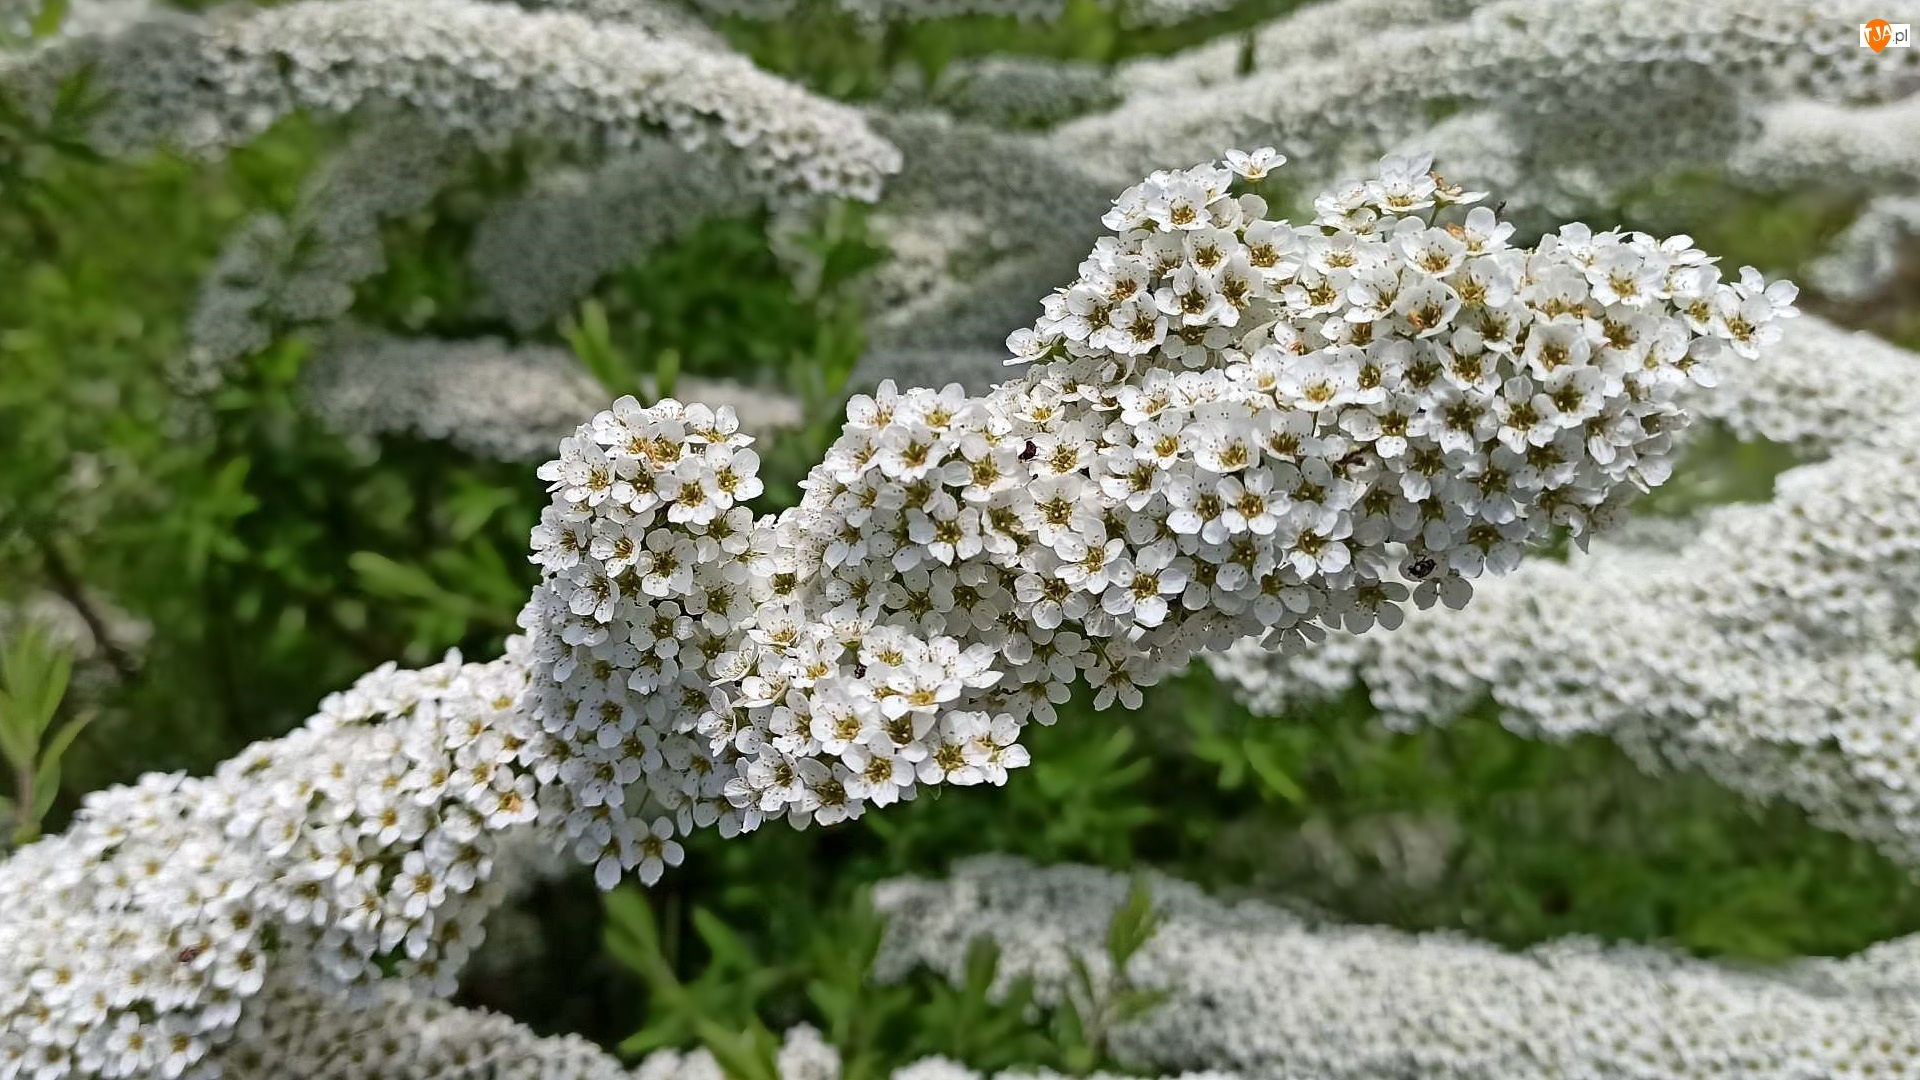 Kwitnąca, Tawuła, Kwiaty, Białe, Gałązka